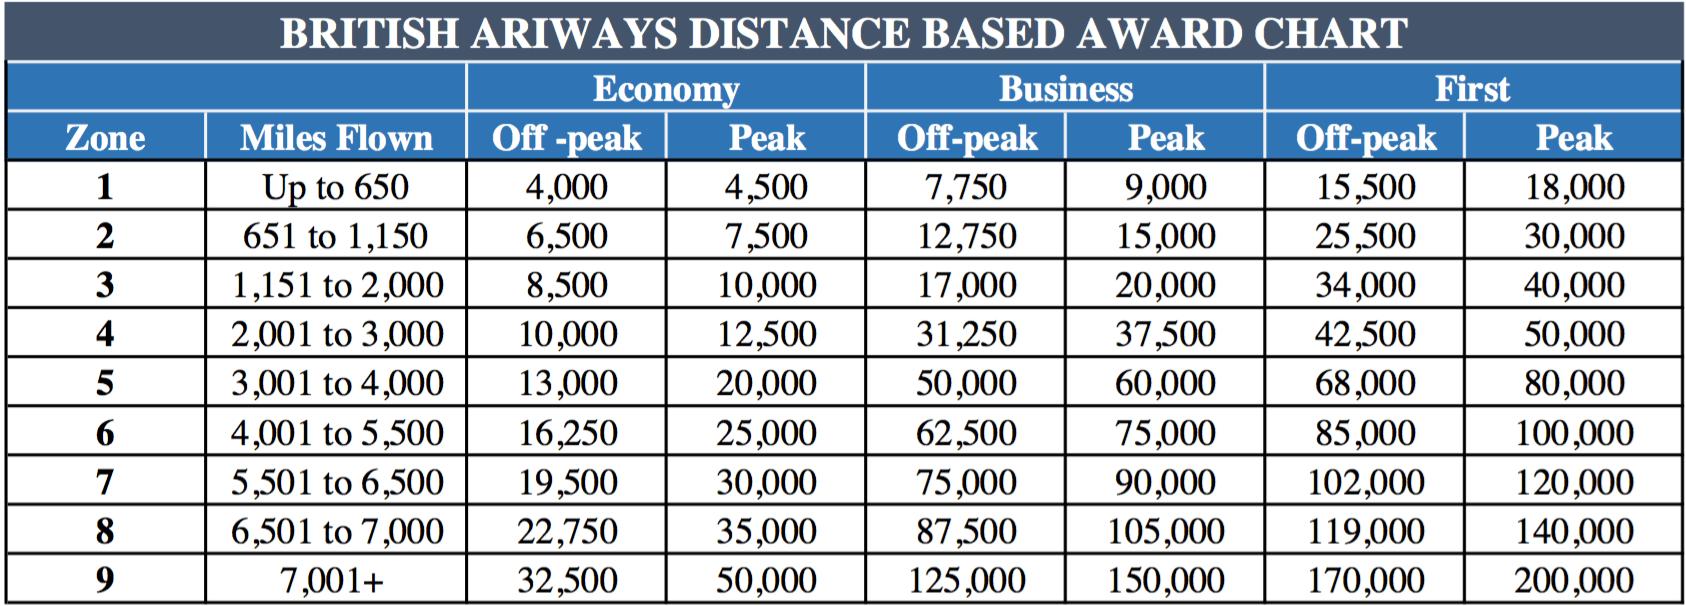 British Airways Distance-Based Award Chart